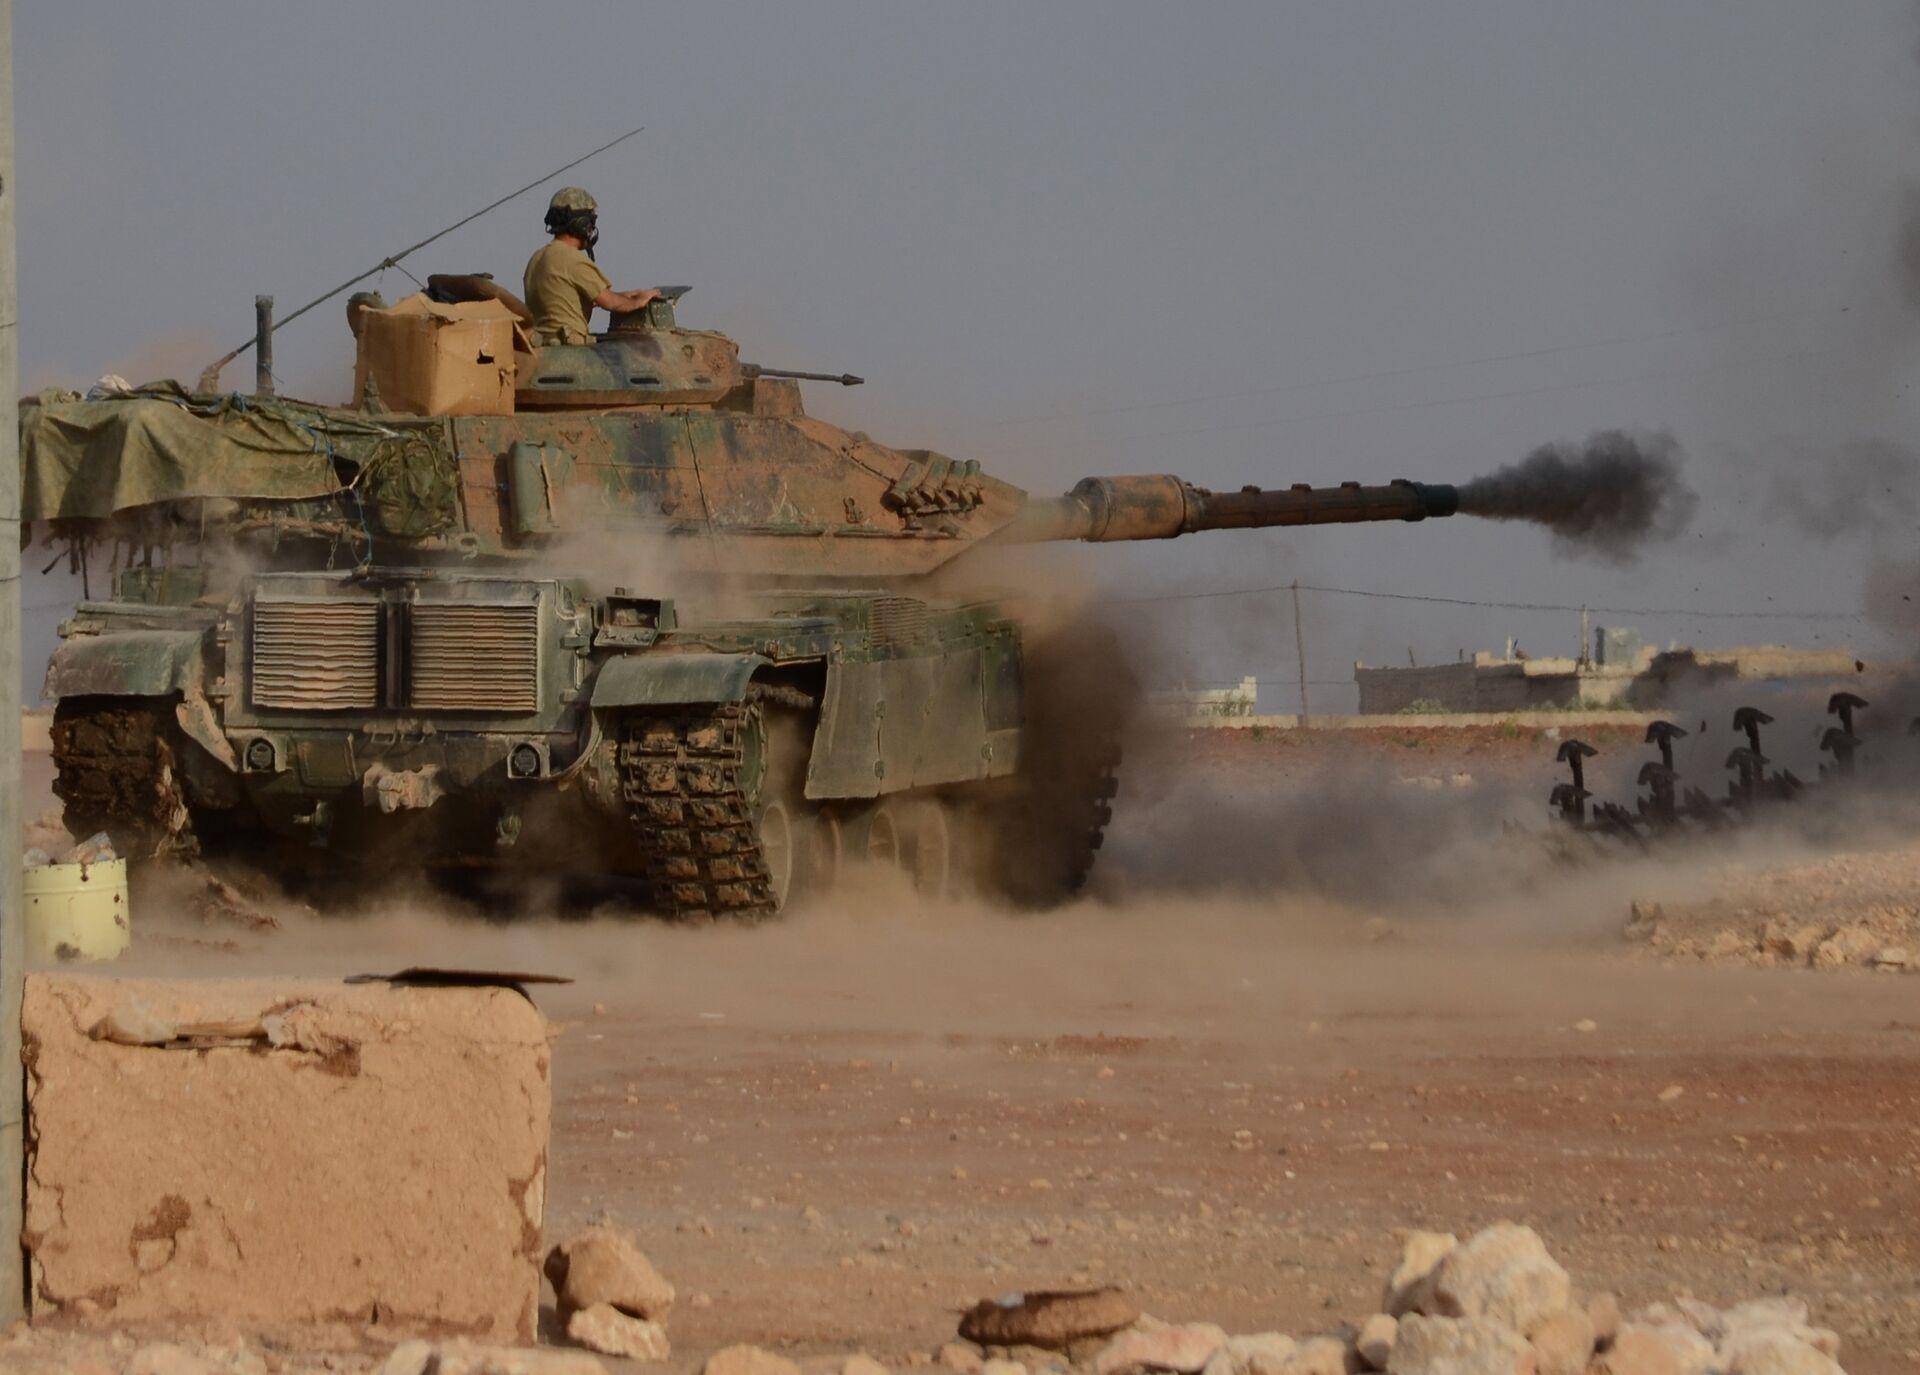 Турецкие войска при содействии отрядов так называемой Сирийской свободной армии проводят на севере Сирии операцию Щит Евфрата. Октябрь 2016 - РИА Новости, 1920, 16.10.2020